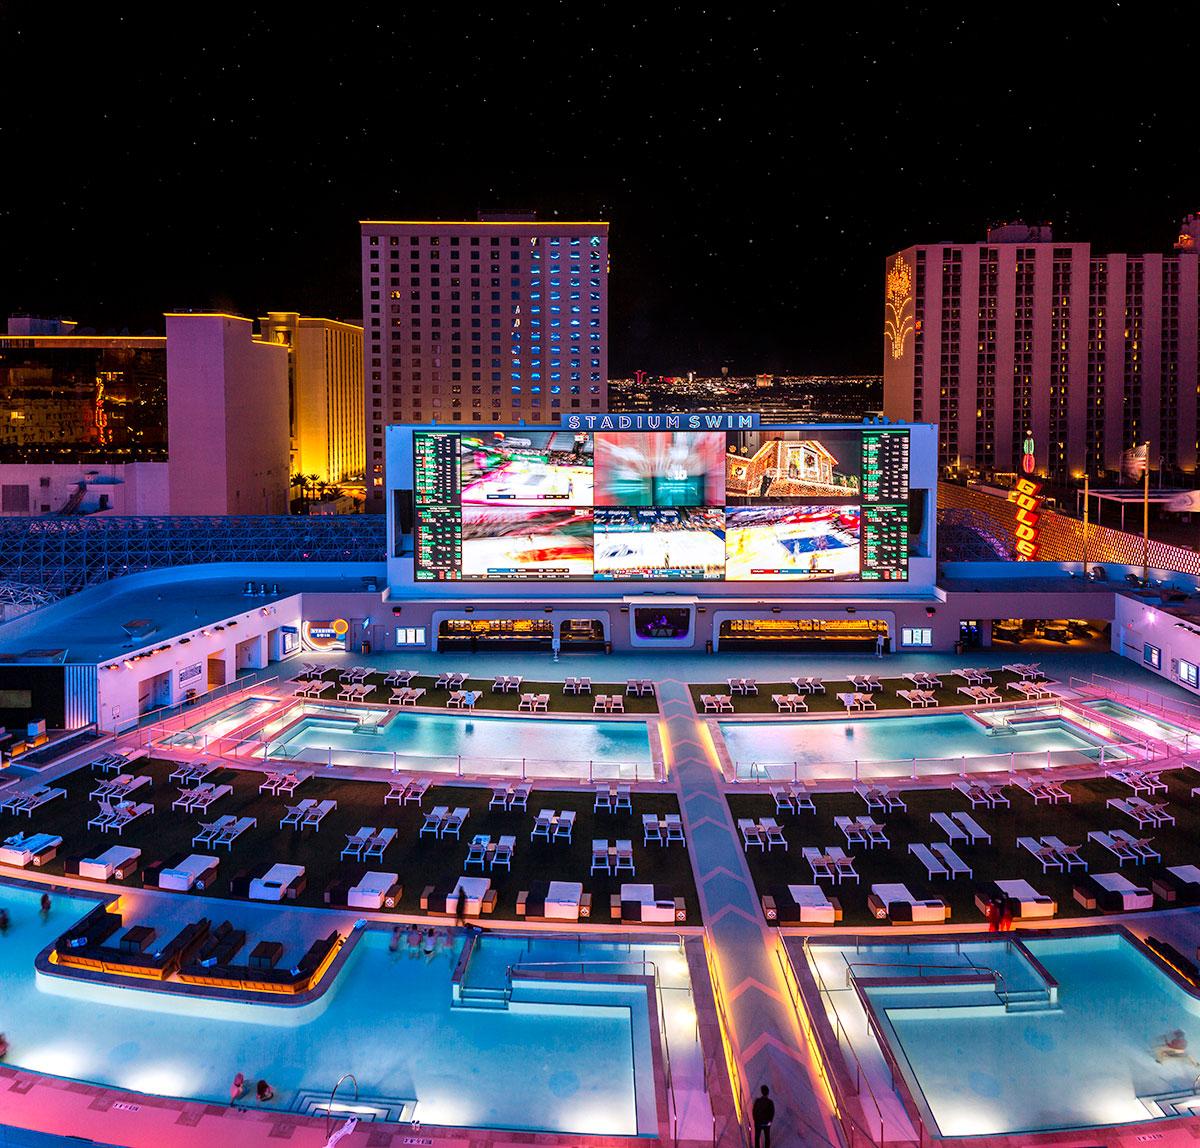 Stadium Swim en Las Vegas